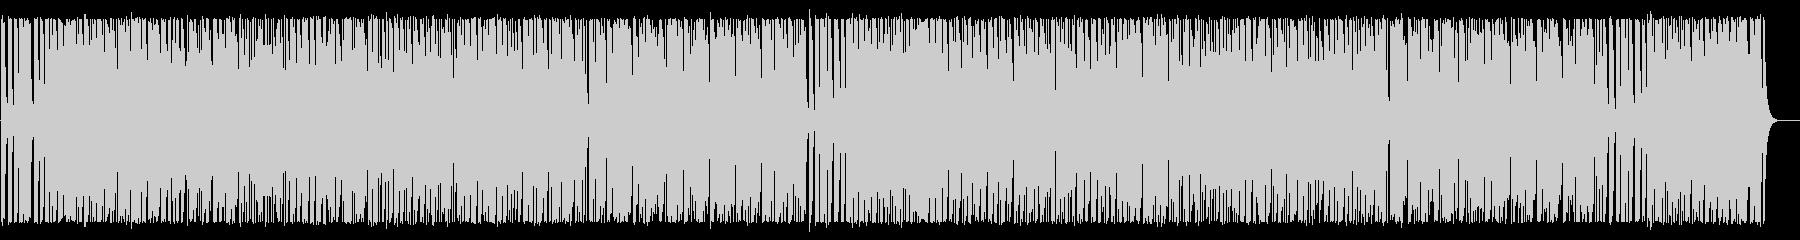 メルヘンチックでワクワクするようなBGMの未再生の波形